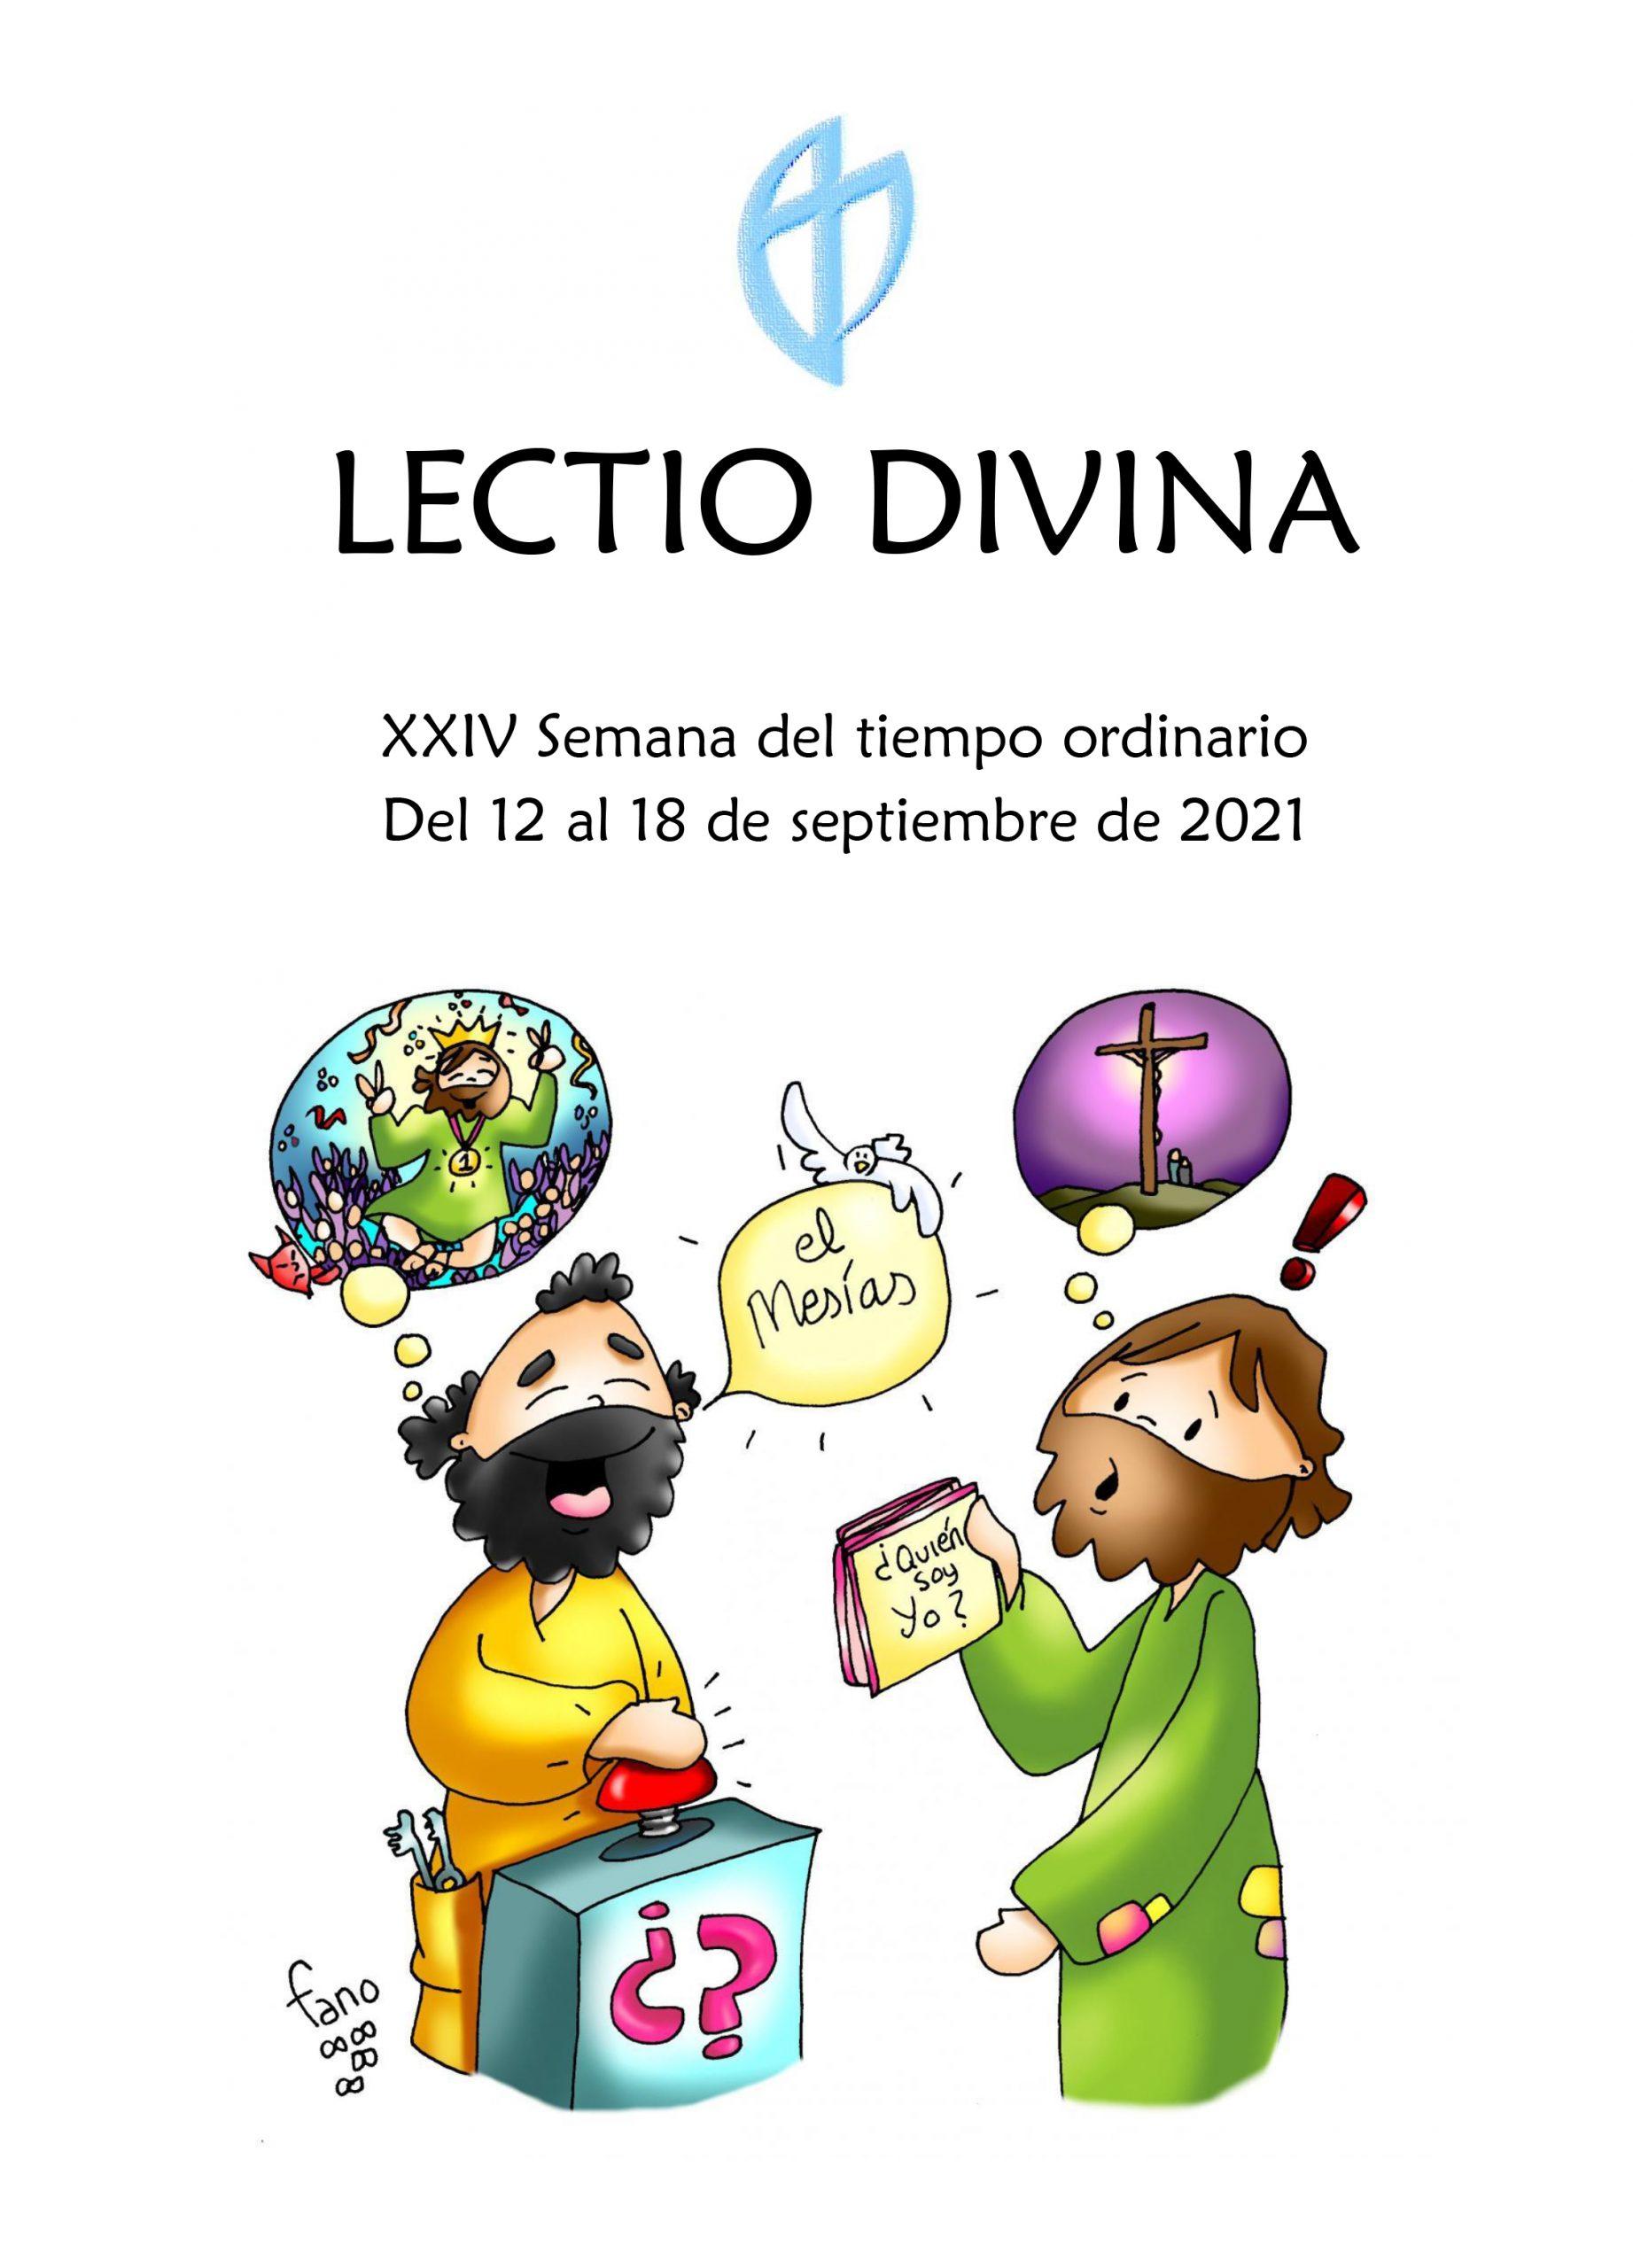 XXIV Semana del tiempo ordinario (del 12 al 18 de septiembre de 2021)